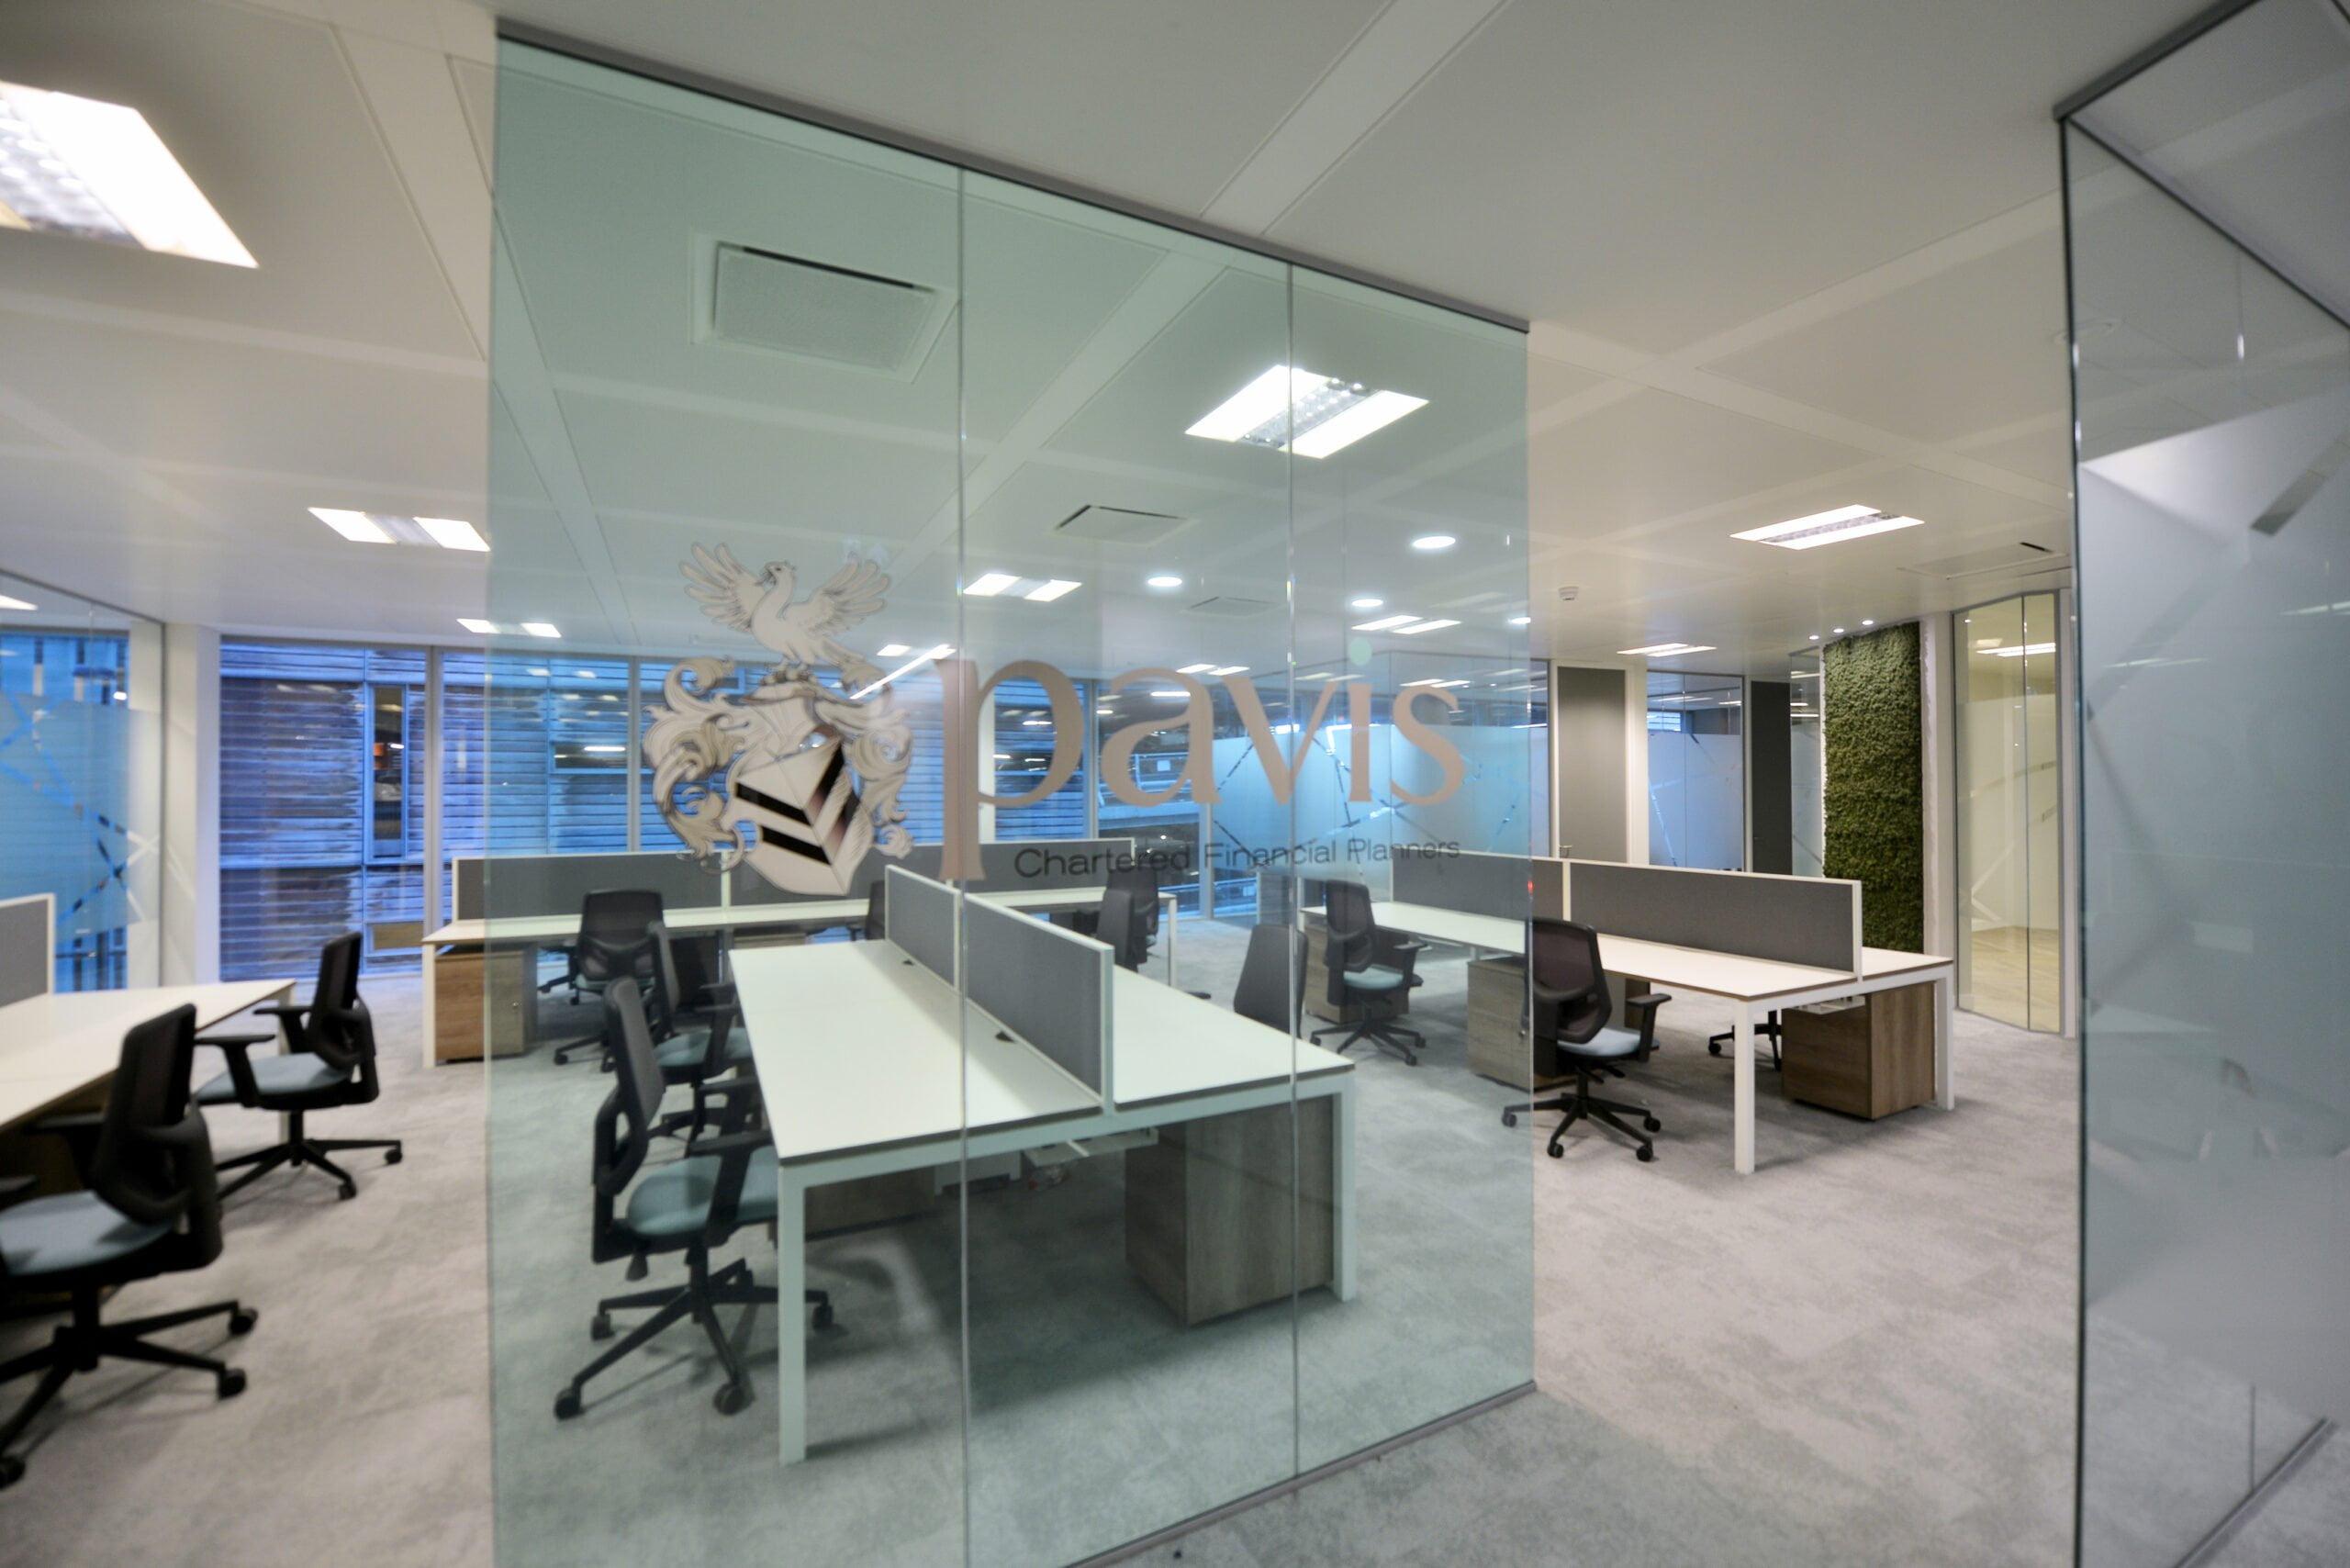 Pavis Office Fit Out 1